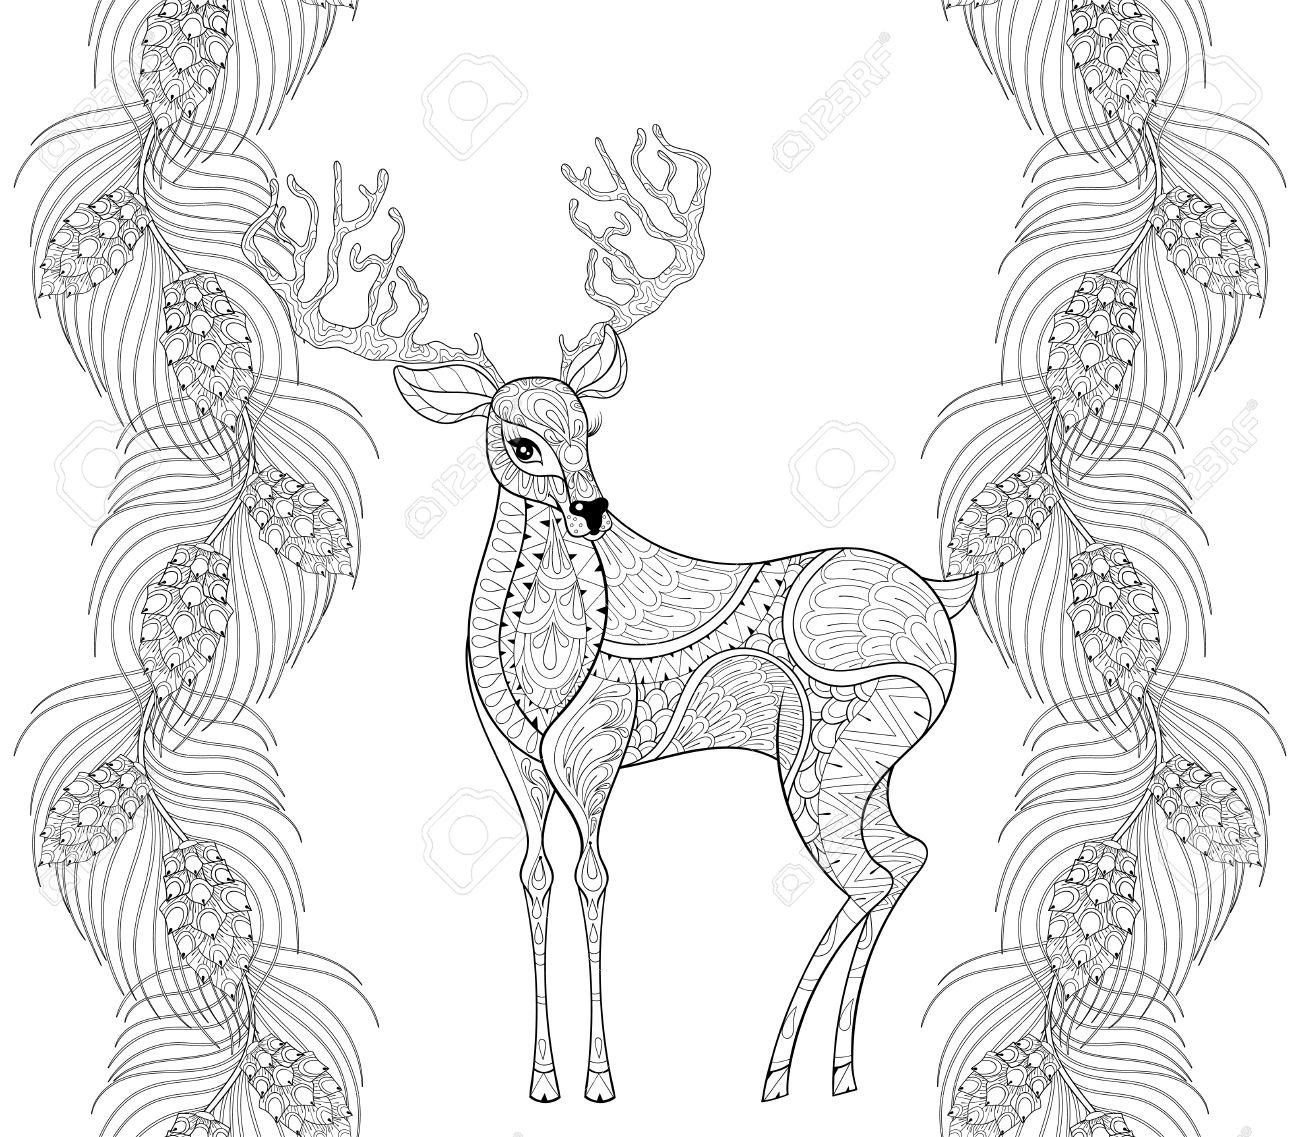 Imagenes Navidad Para Colorear Renos. Dibujo De Santa Claus Y Su ...